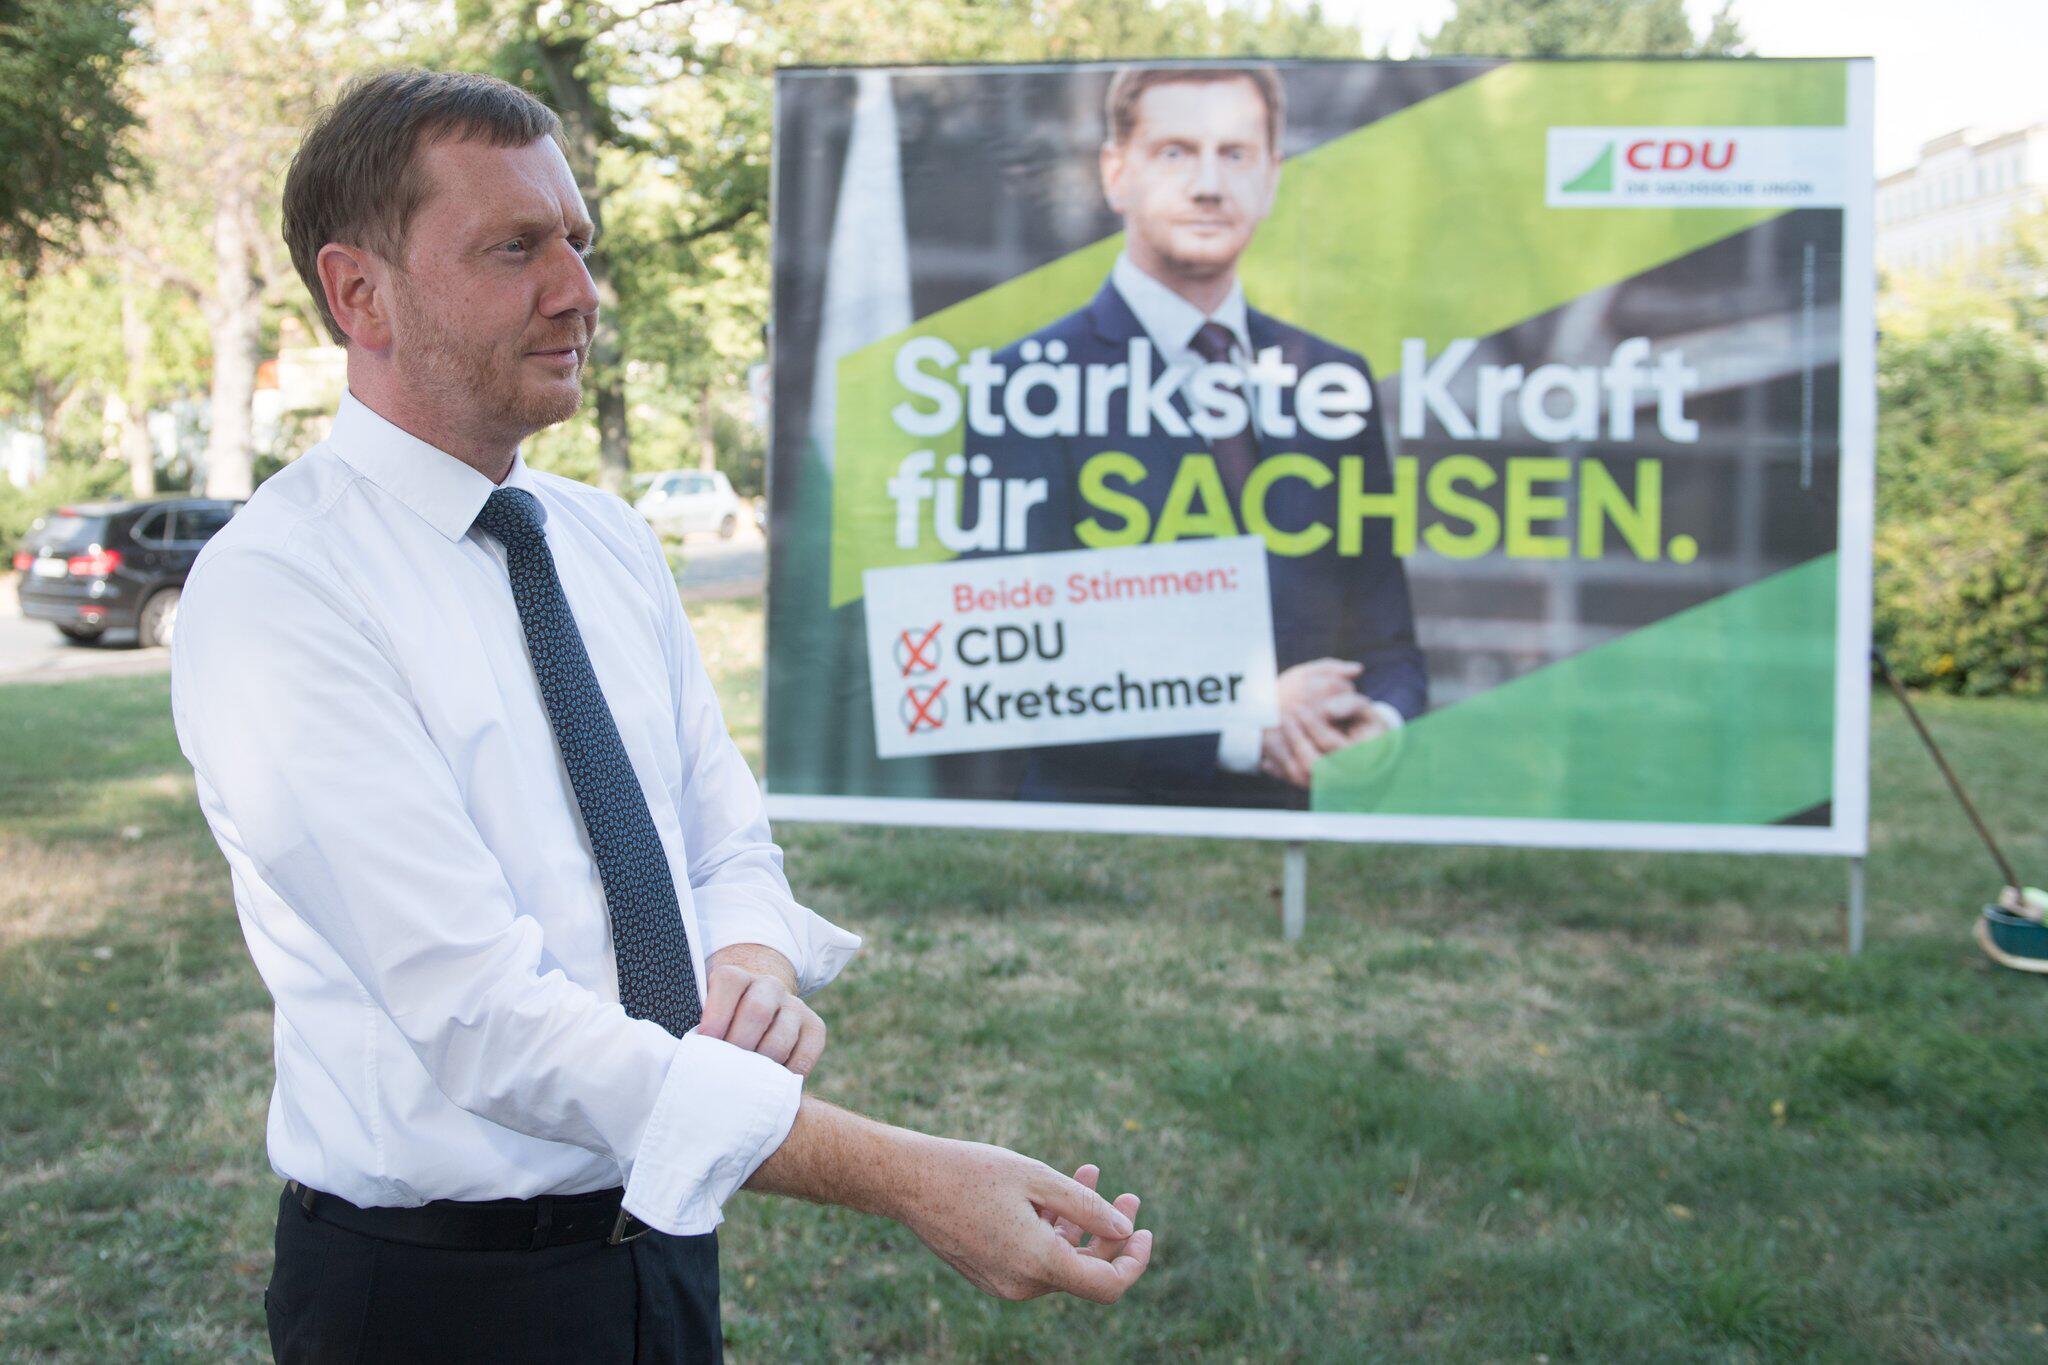 Bild zu Wahlkampf CDU Sachsen